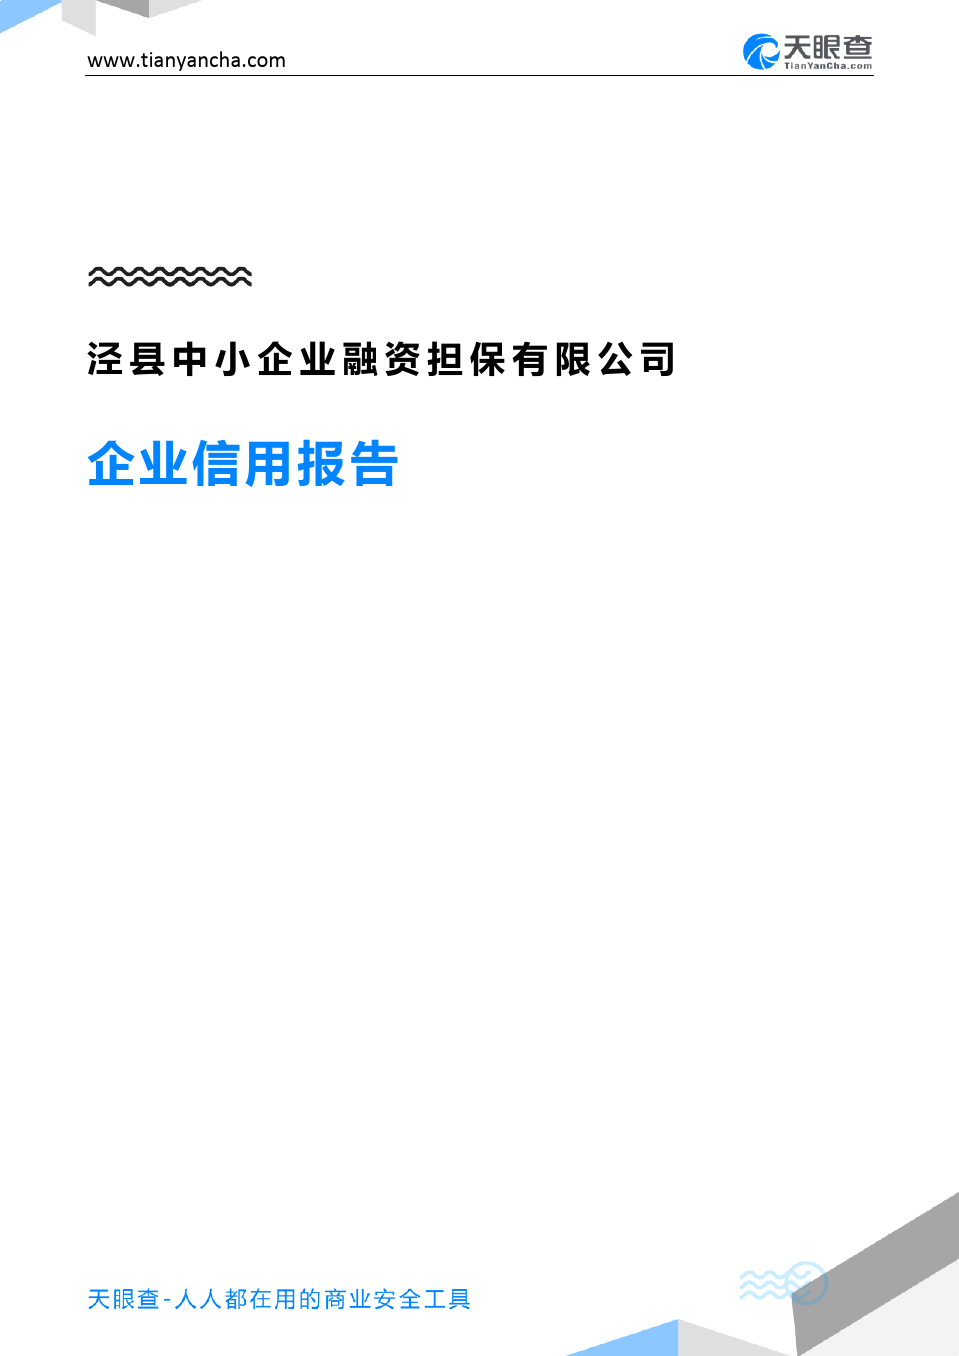 泾县中小企业融资担保有限公司(企业信用报告)- 天眼查